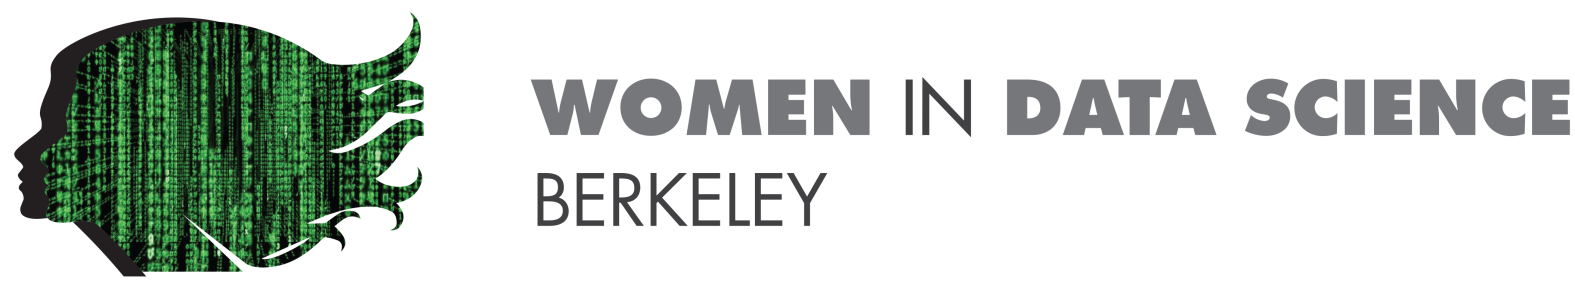 Women in Data Science, Berkeley